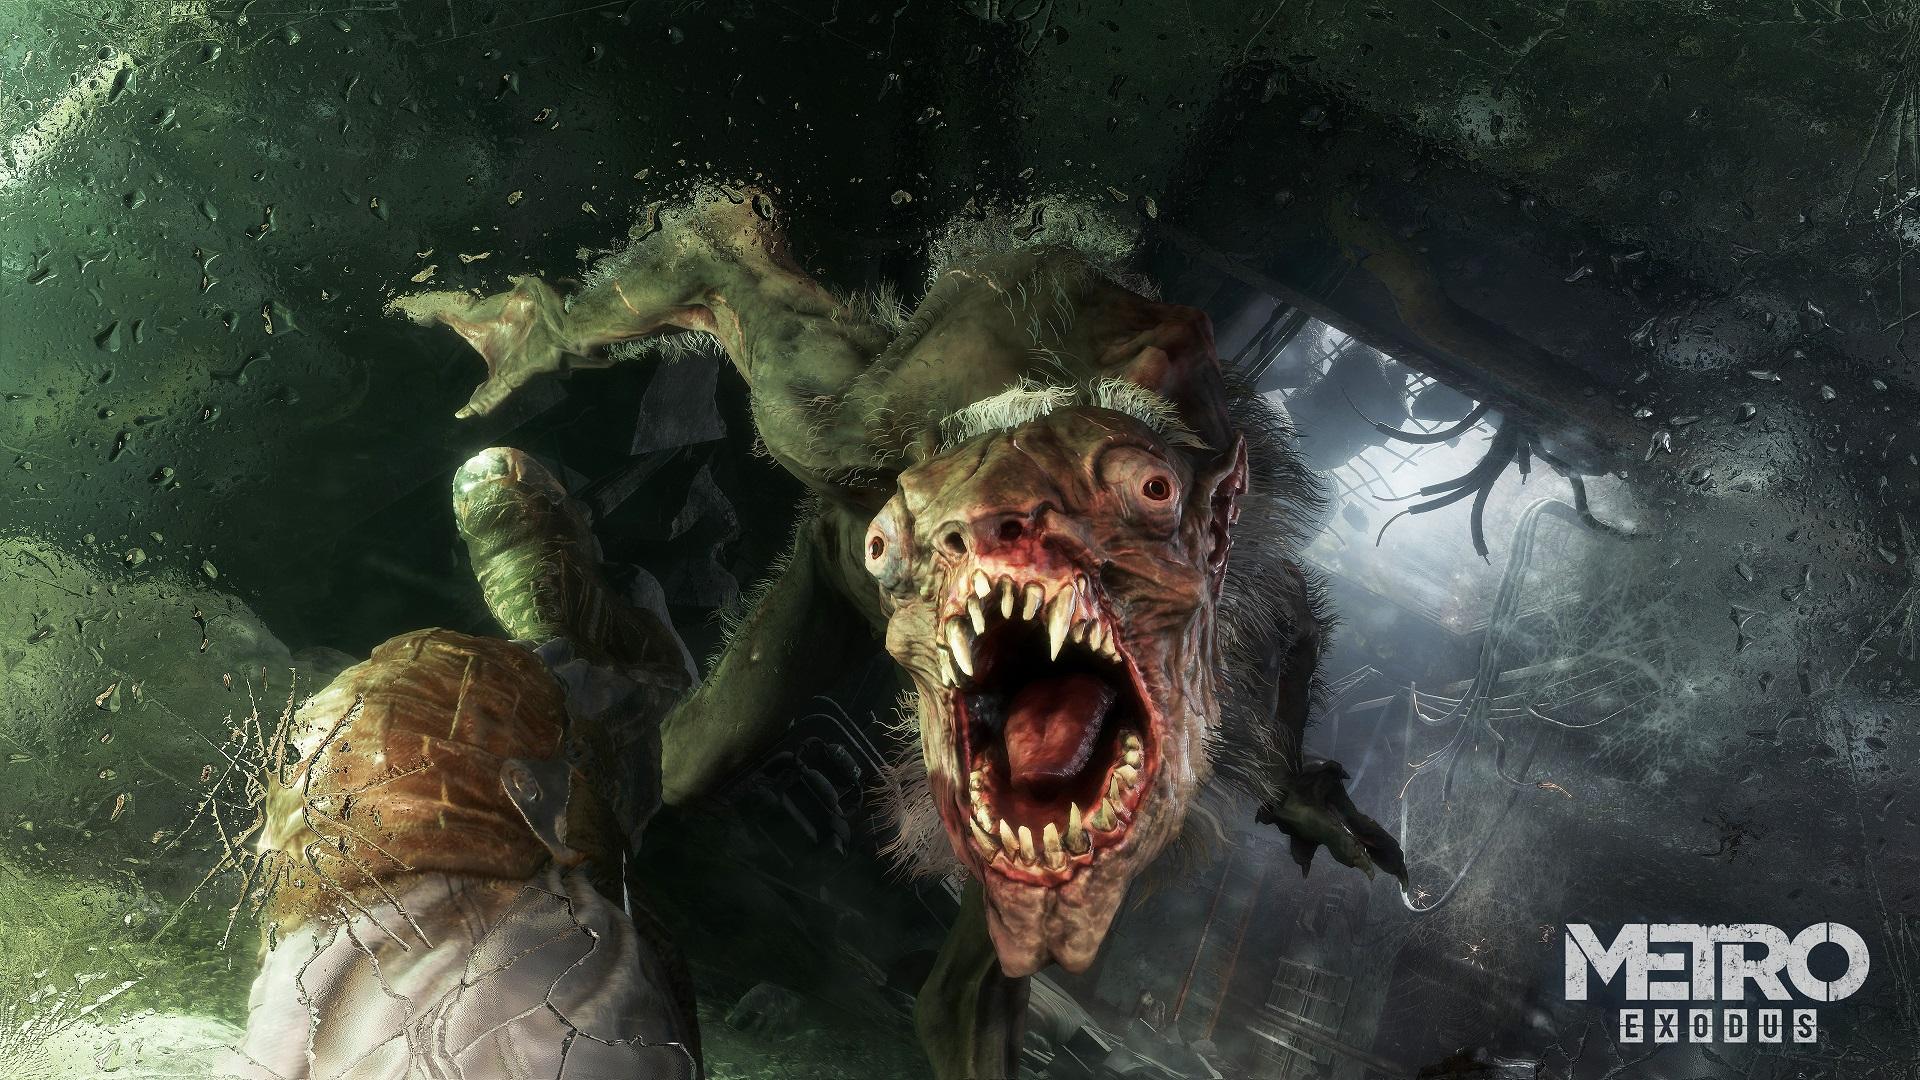 Metro Exodus - Olle Monster